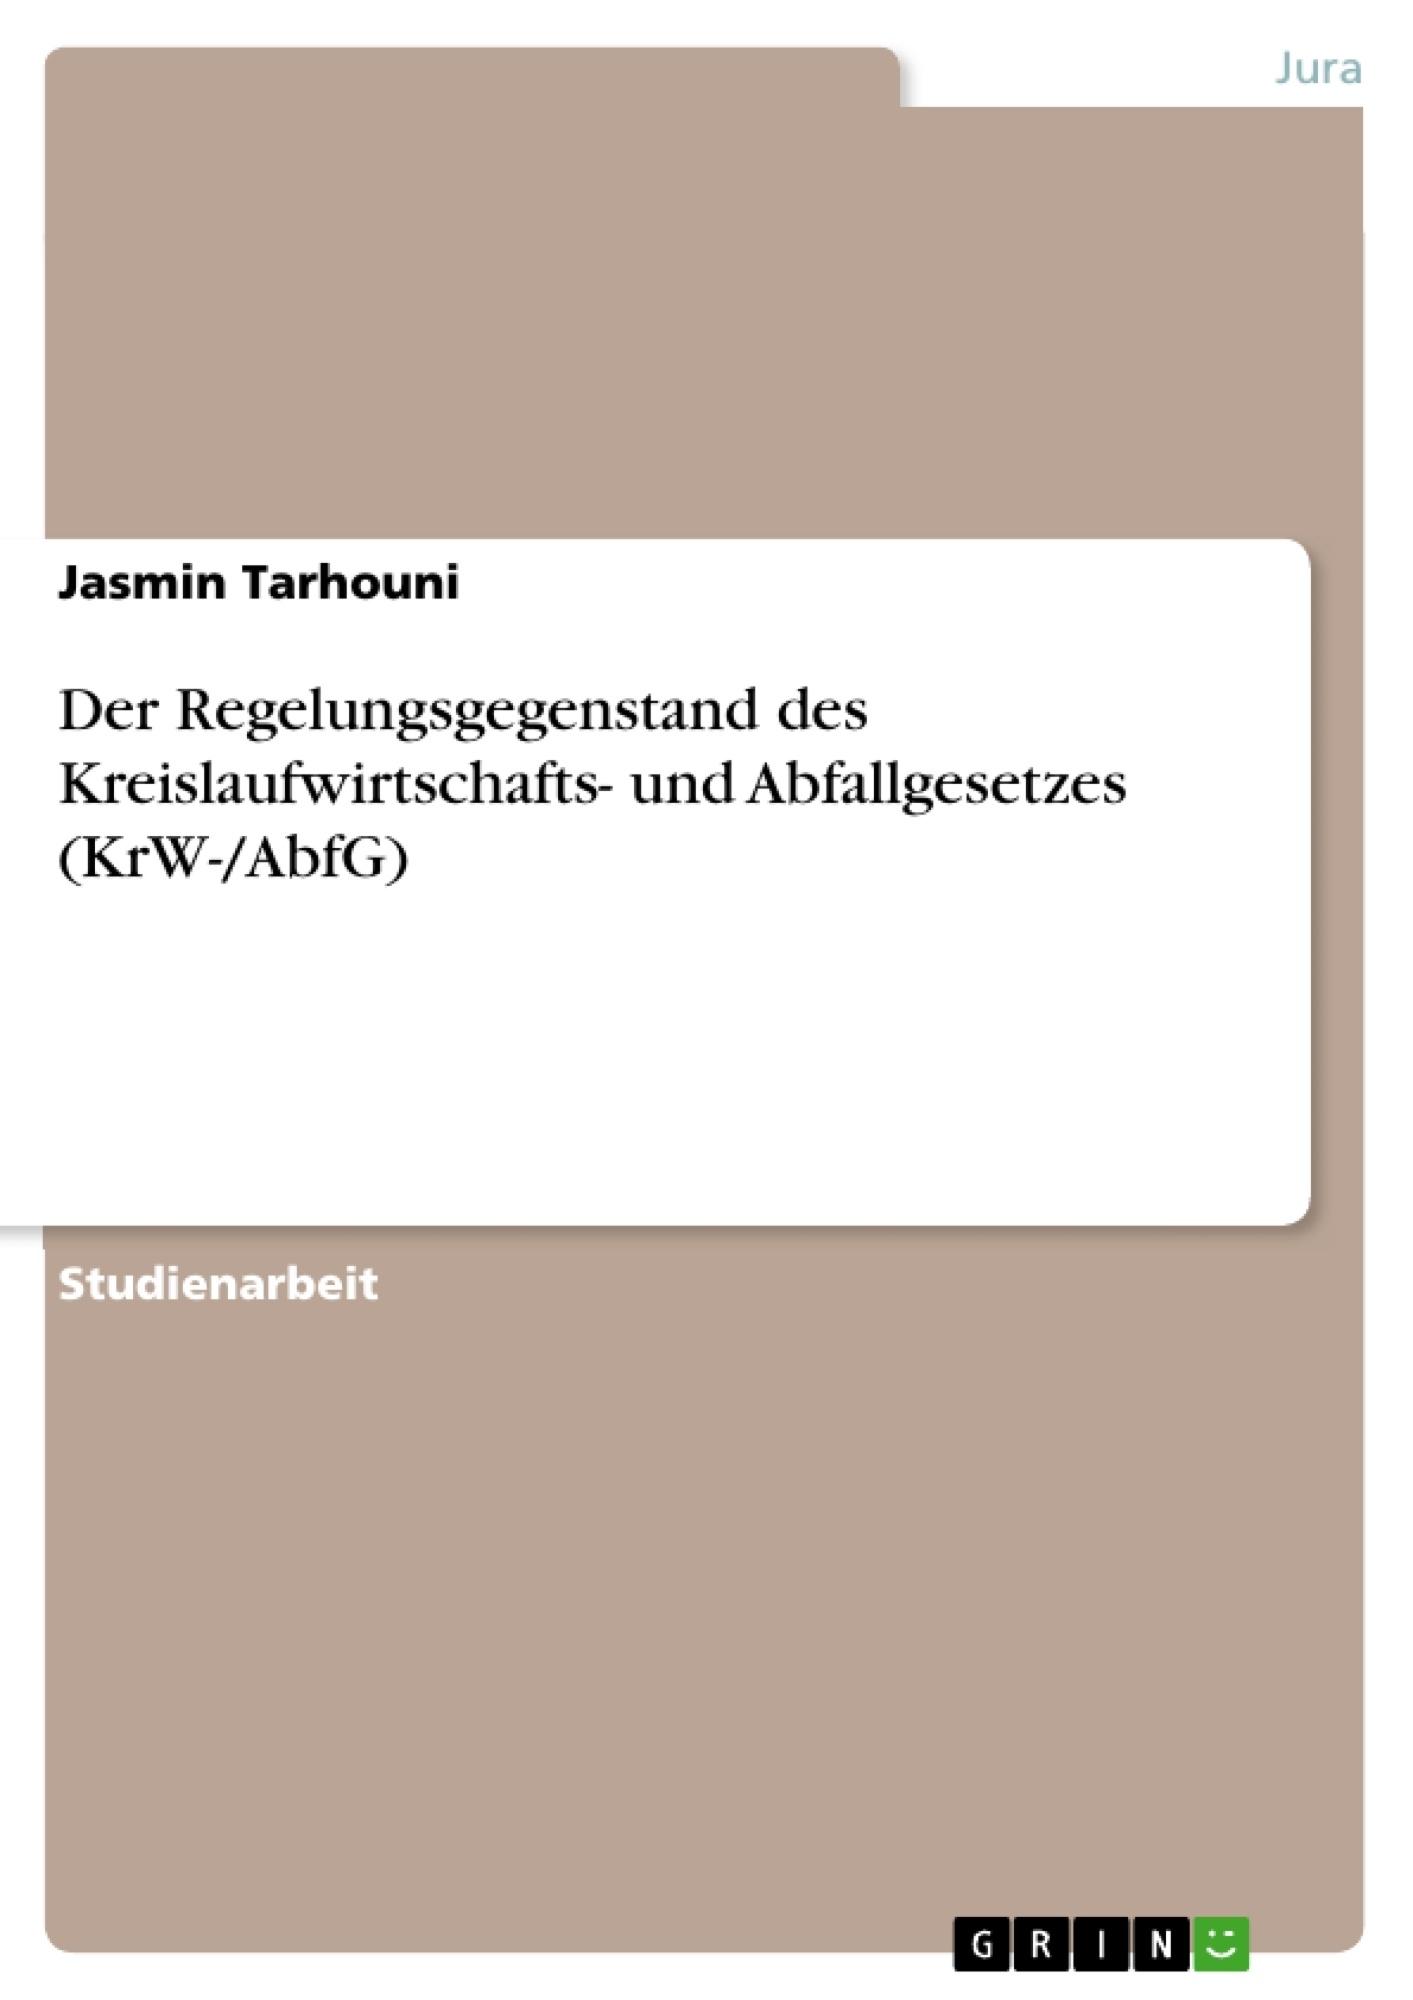 Titel: Der Regelungsgegenstand des Kreislaufwirtschafts- und Abfallgesetzes (KrW-/AbfG)